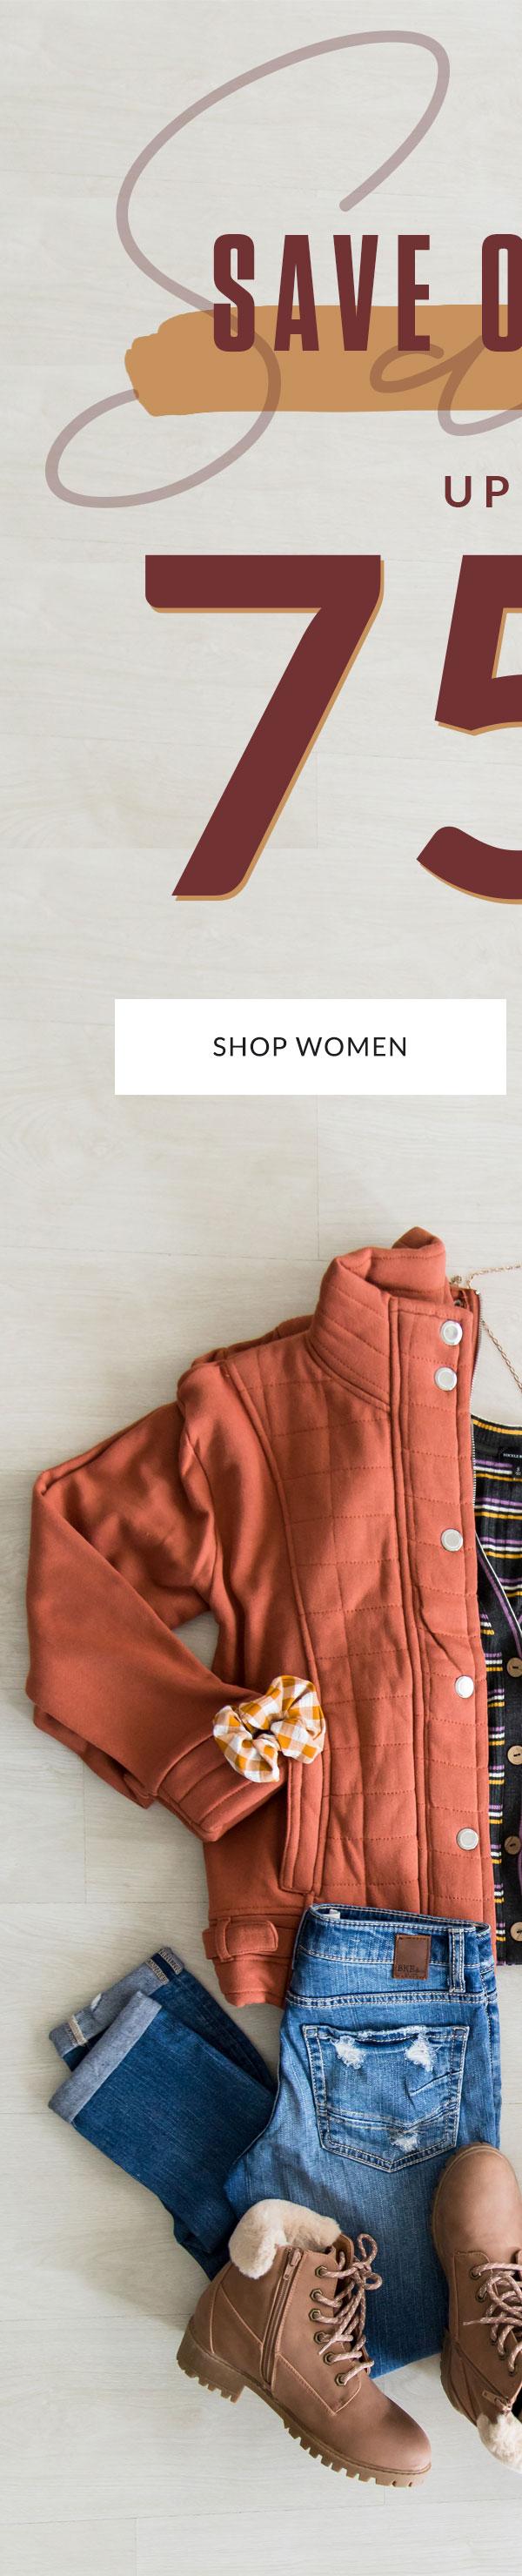 Shop Women's Fall Sale